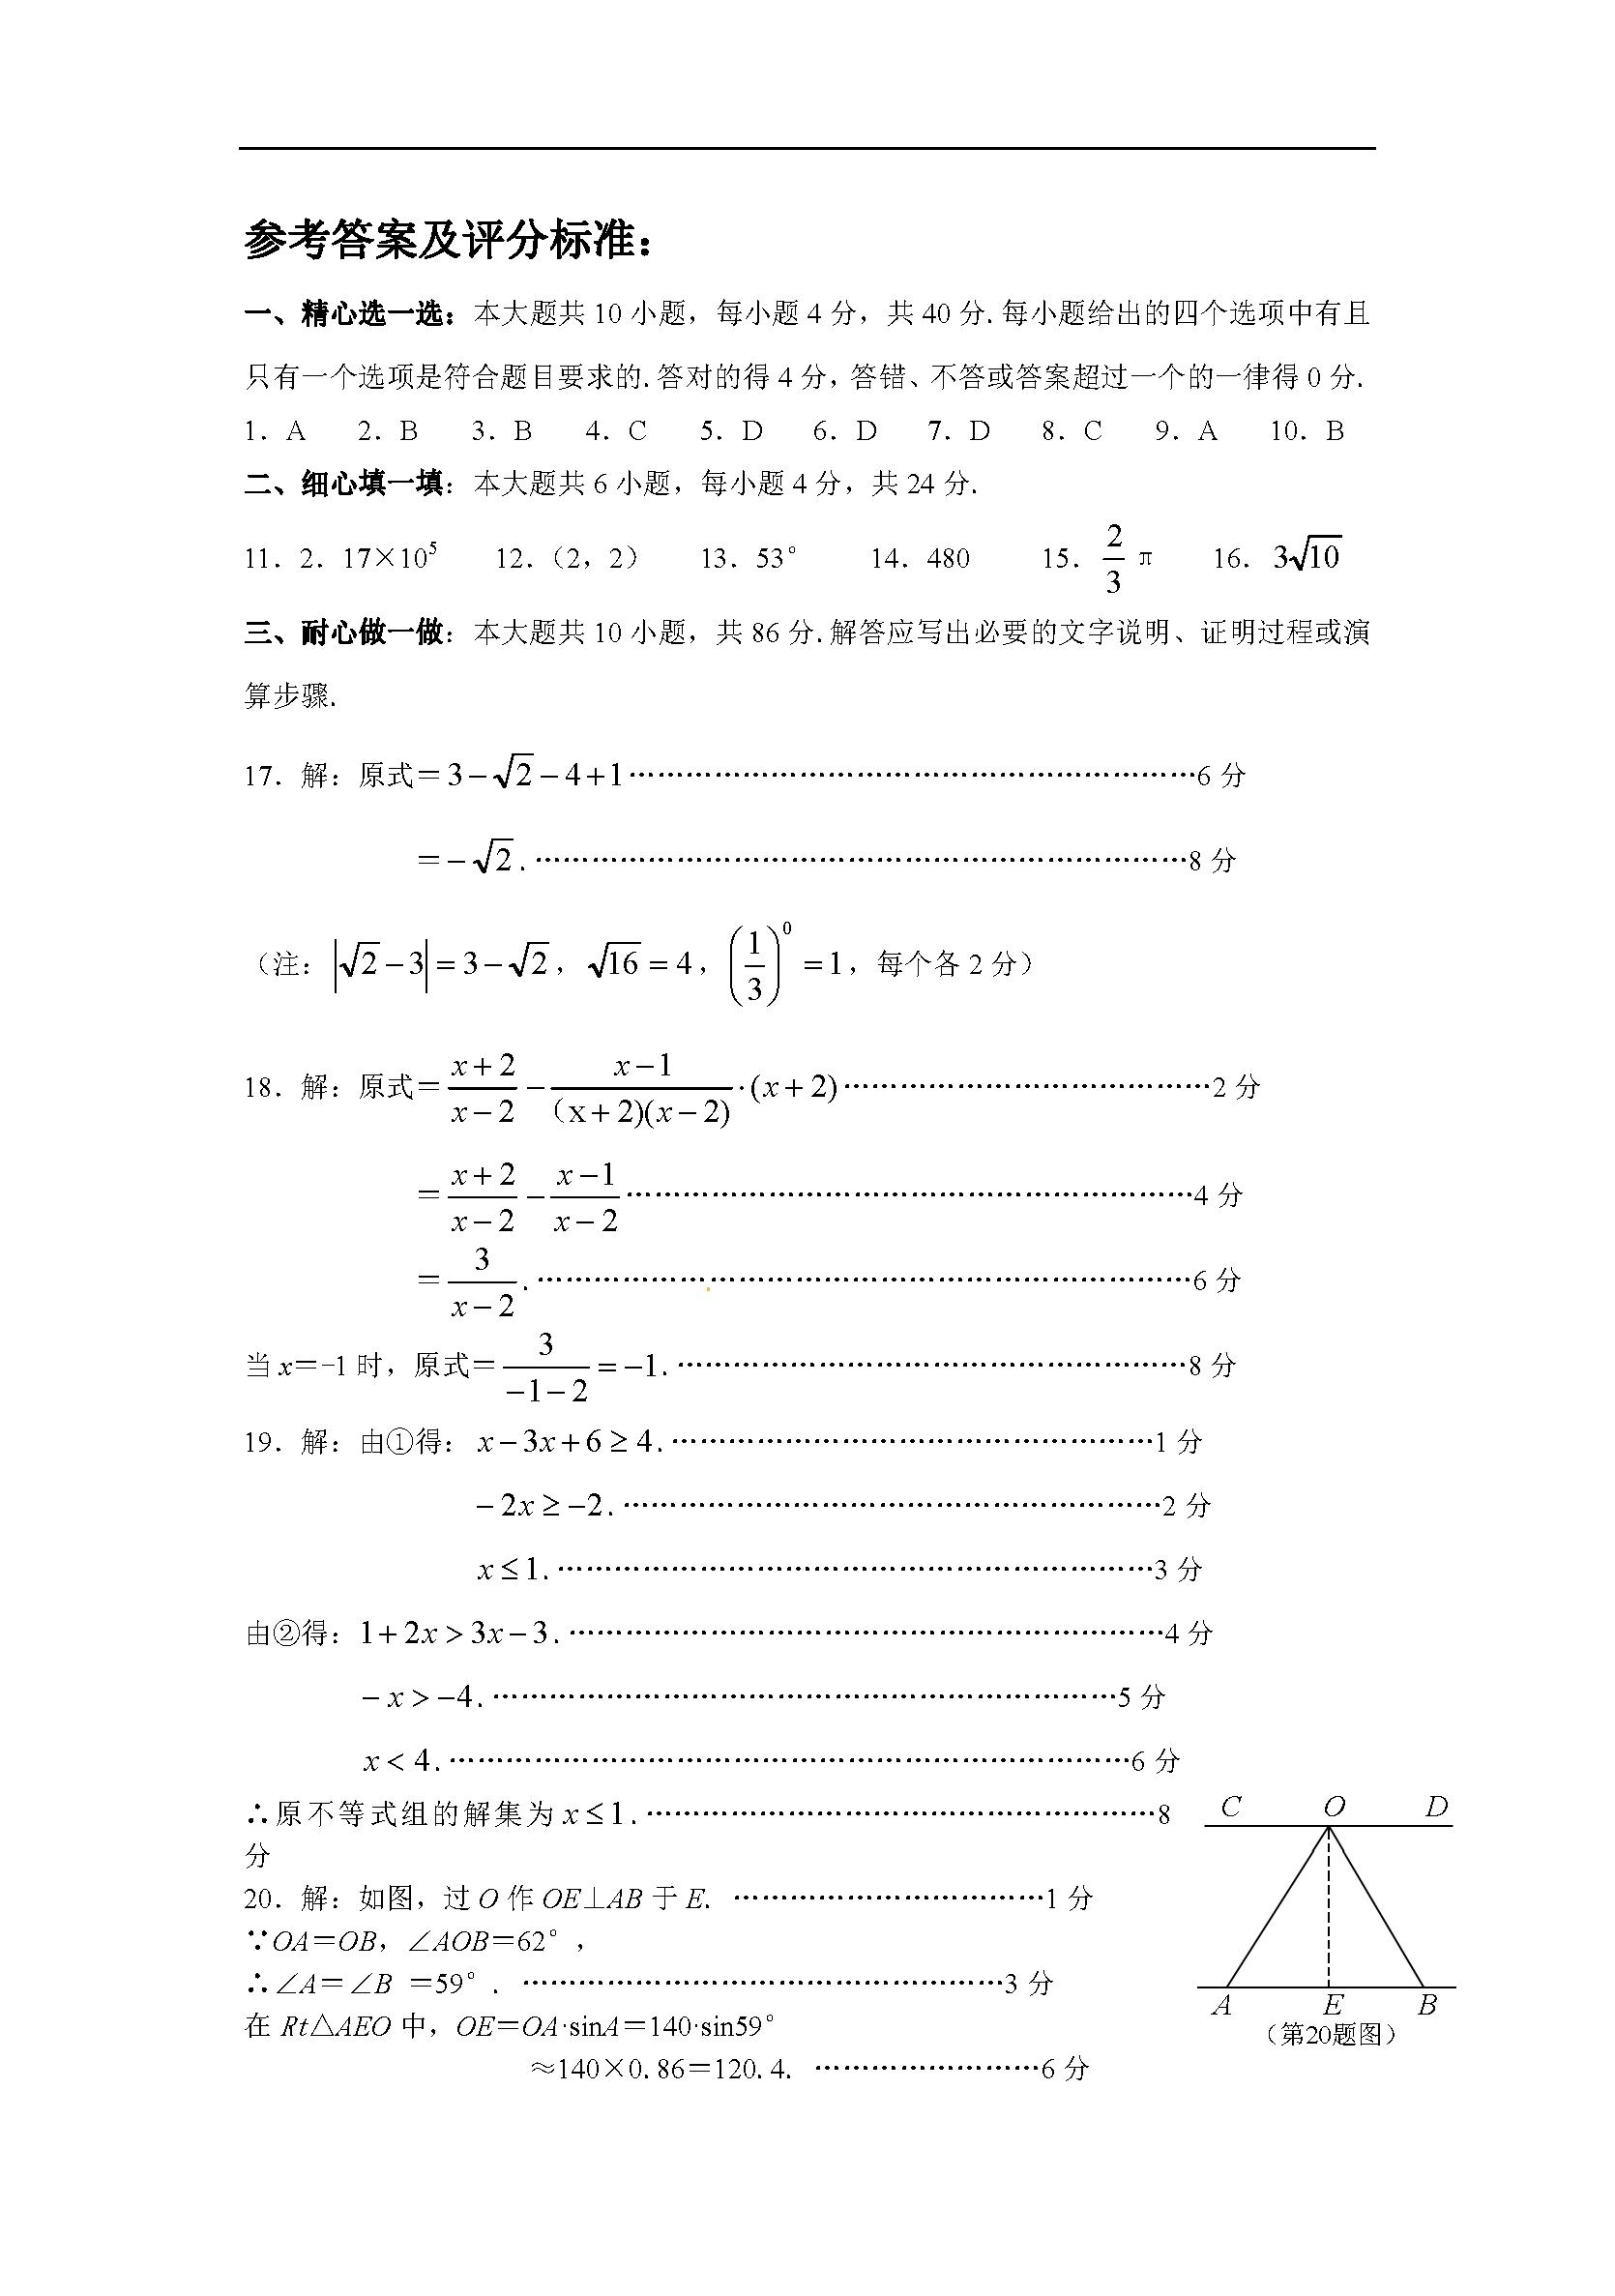 2016莆田中考数学试题答案(图片版)